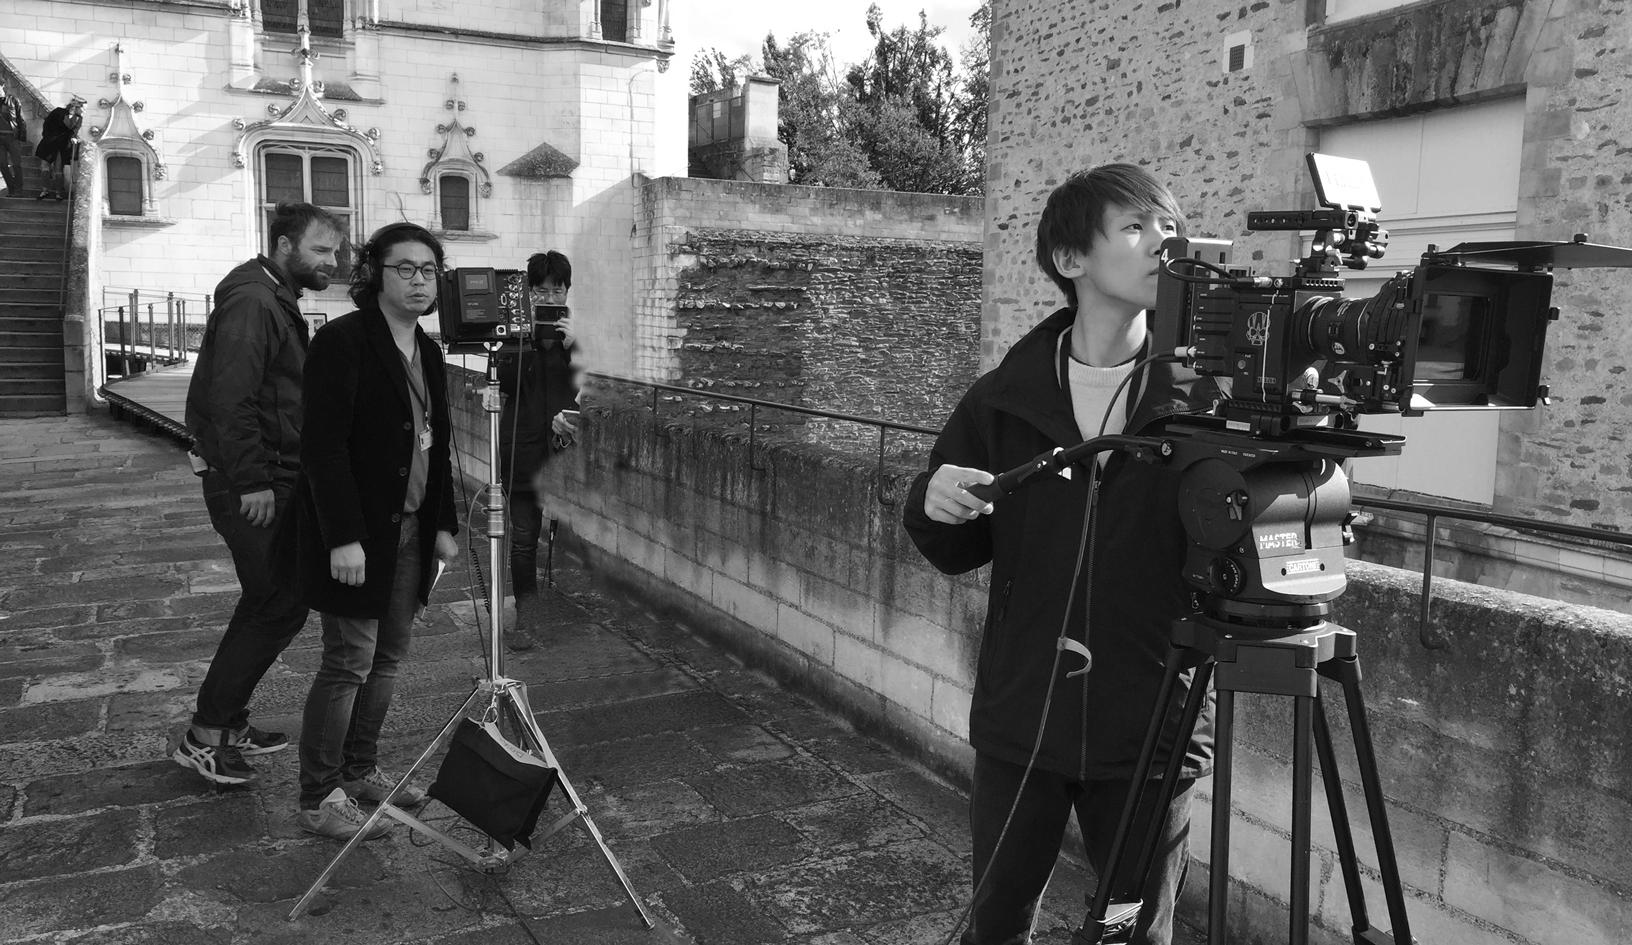 tournage films japonais ecp films nantes